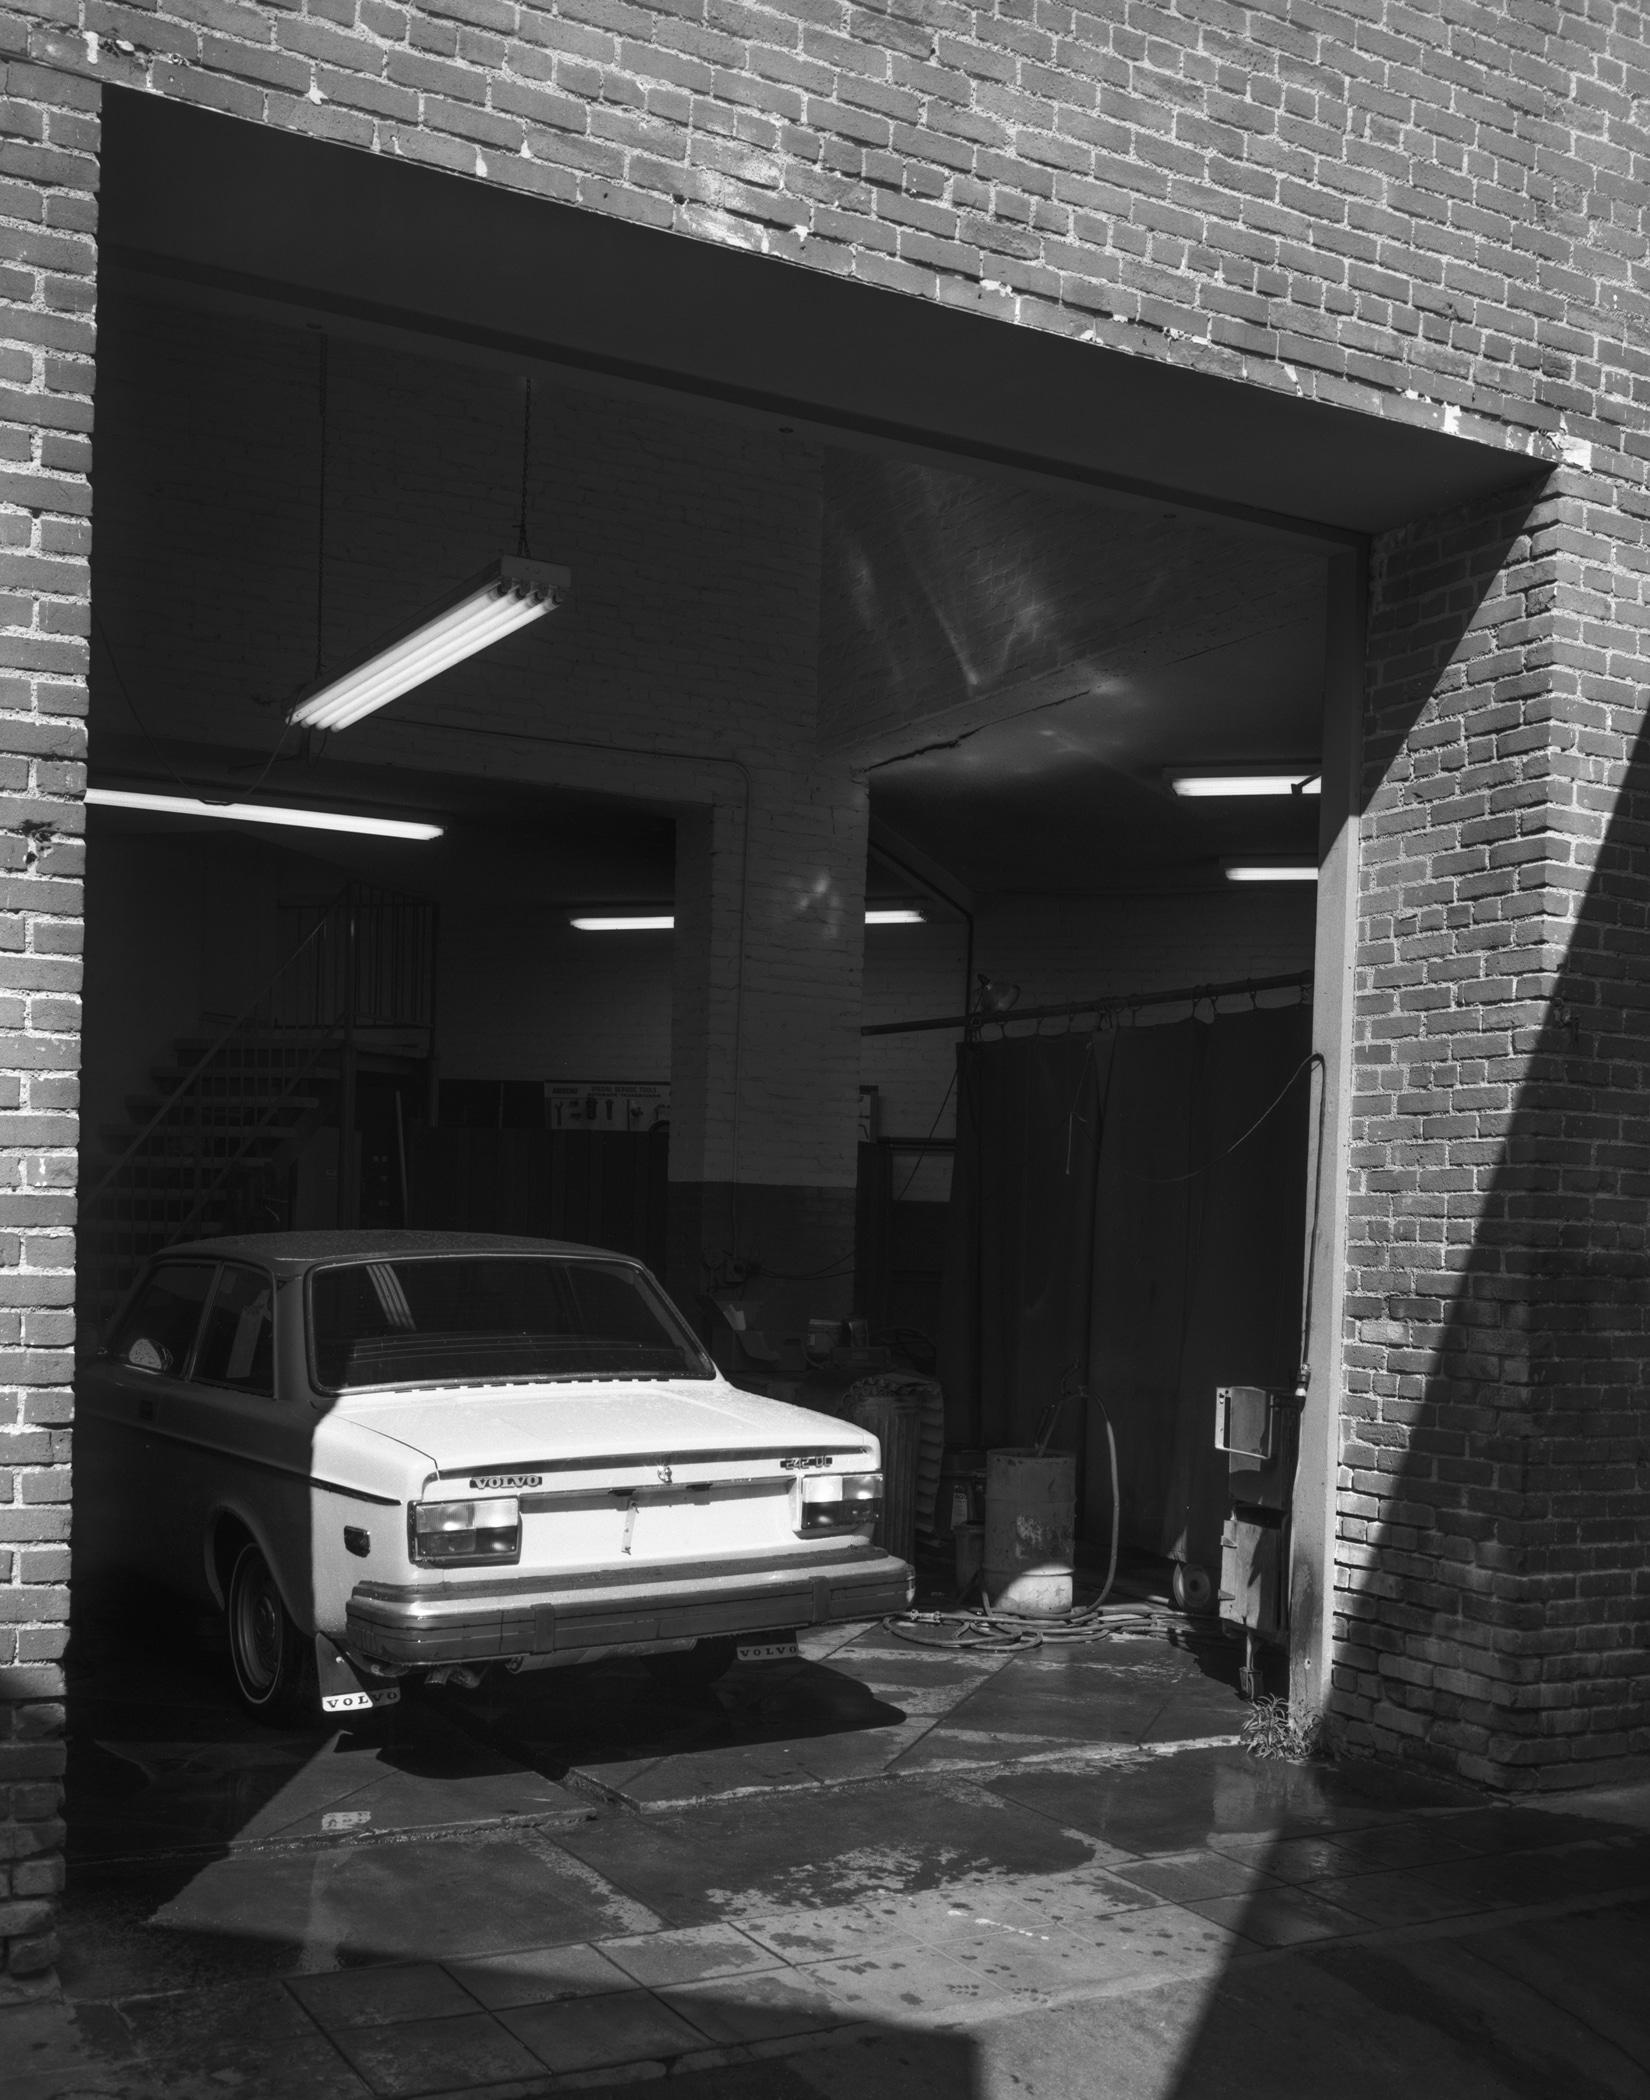 Welling_Kramer Volvo_1978:2020_11x14